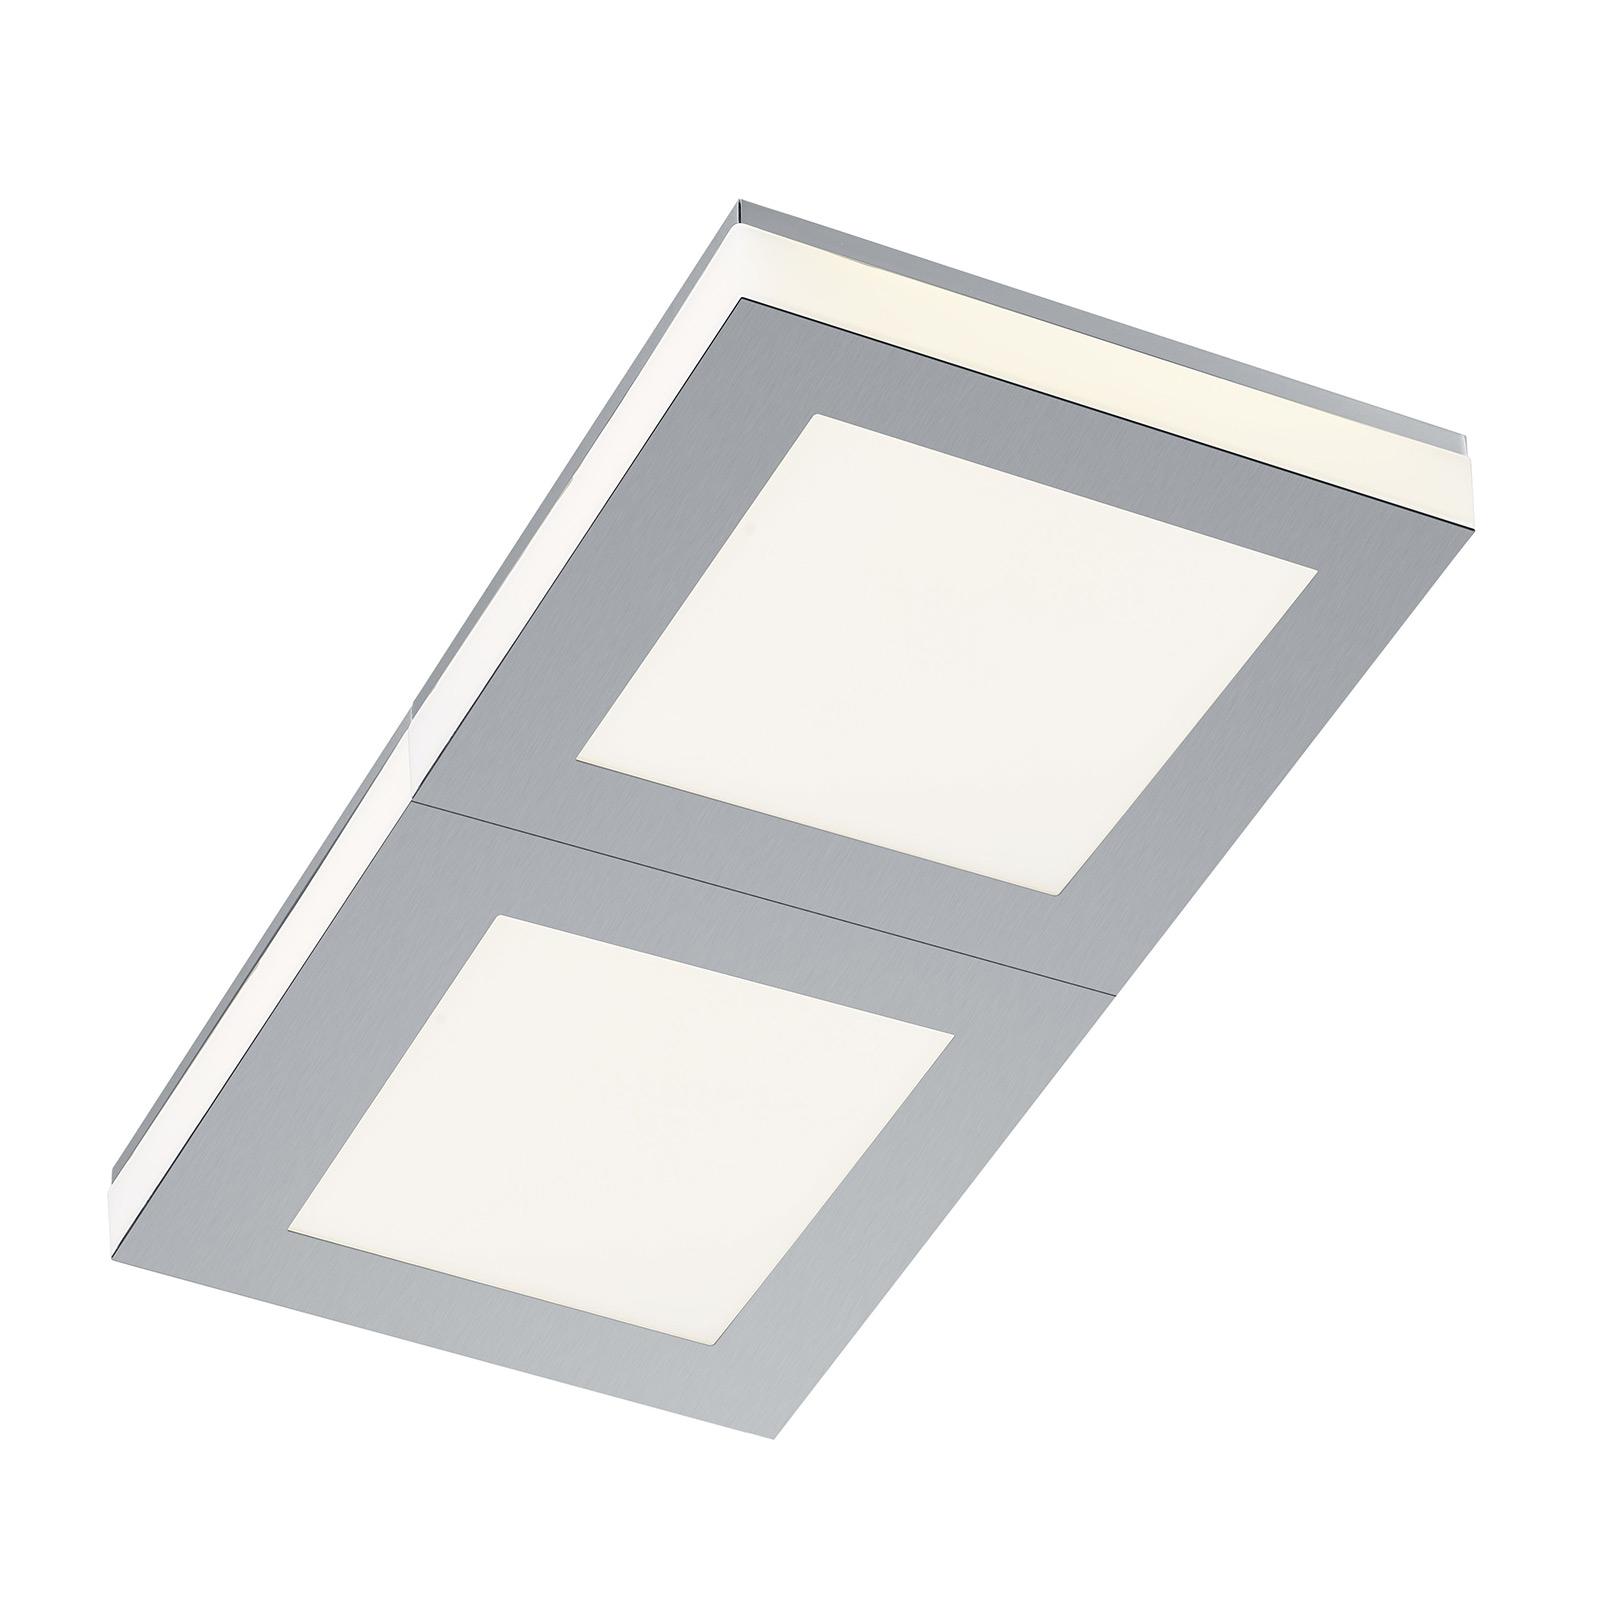 B-Leuchten Quadro LED-taklampe 42x22cm